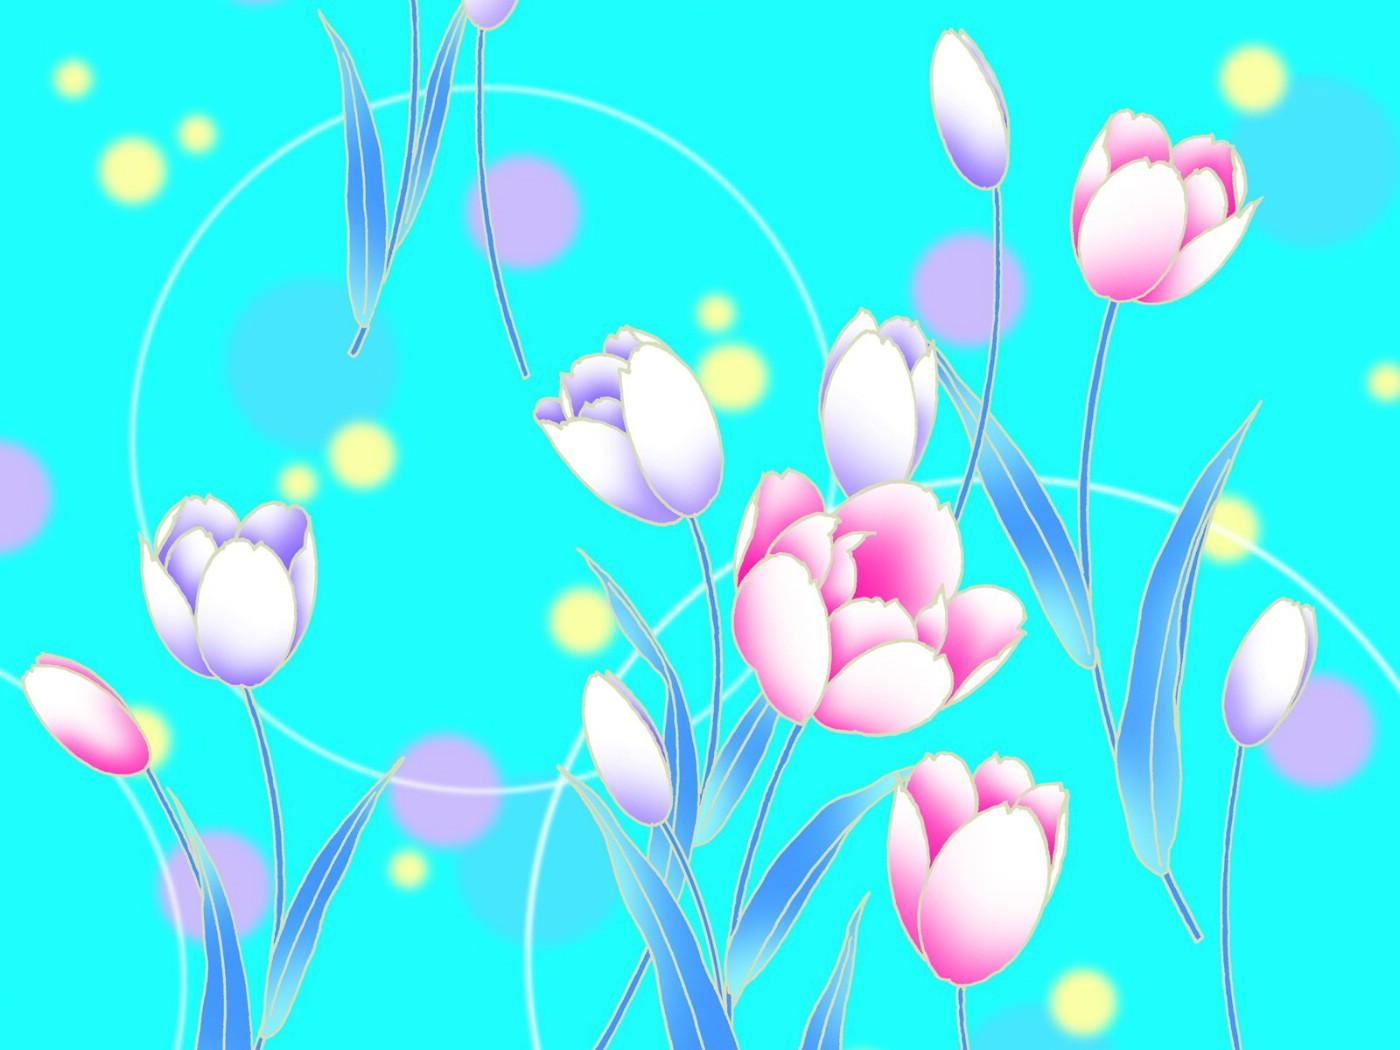 壁纸1400×1050淡雅系 花卉背景图案设计壁纸 美丽碎花布 之 简洁淡雅系壁纸图片花卉壁纸花卉图片素材桌面壁纸